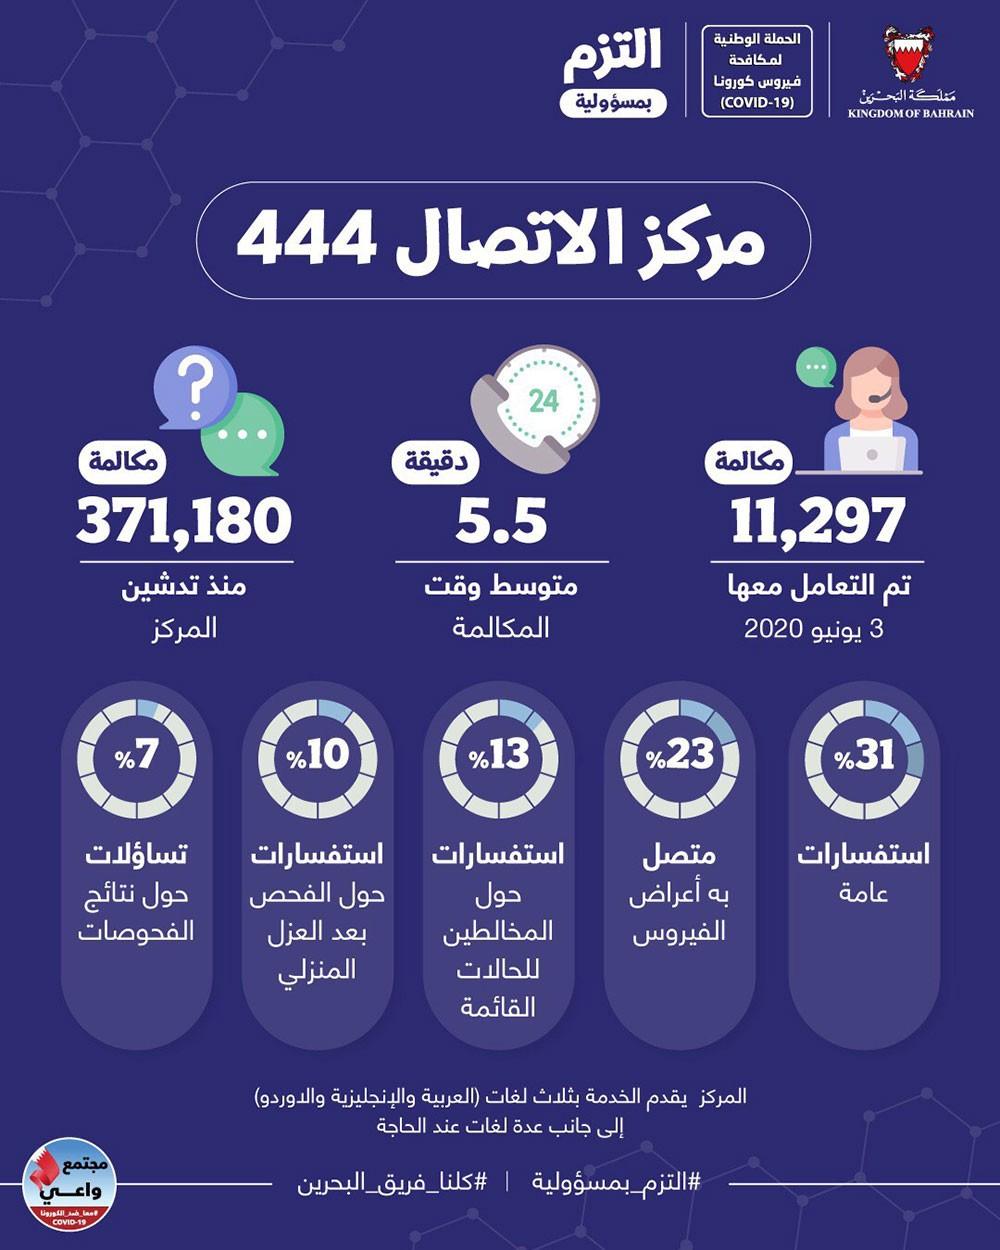 وزارة الصحة: مركز الاتصال 444 تلقى أكثر من 371,000 مكالمة عن فيروس كورونا